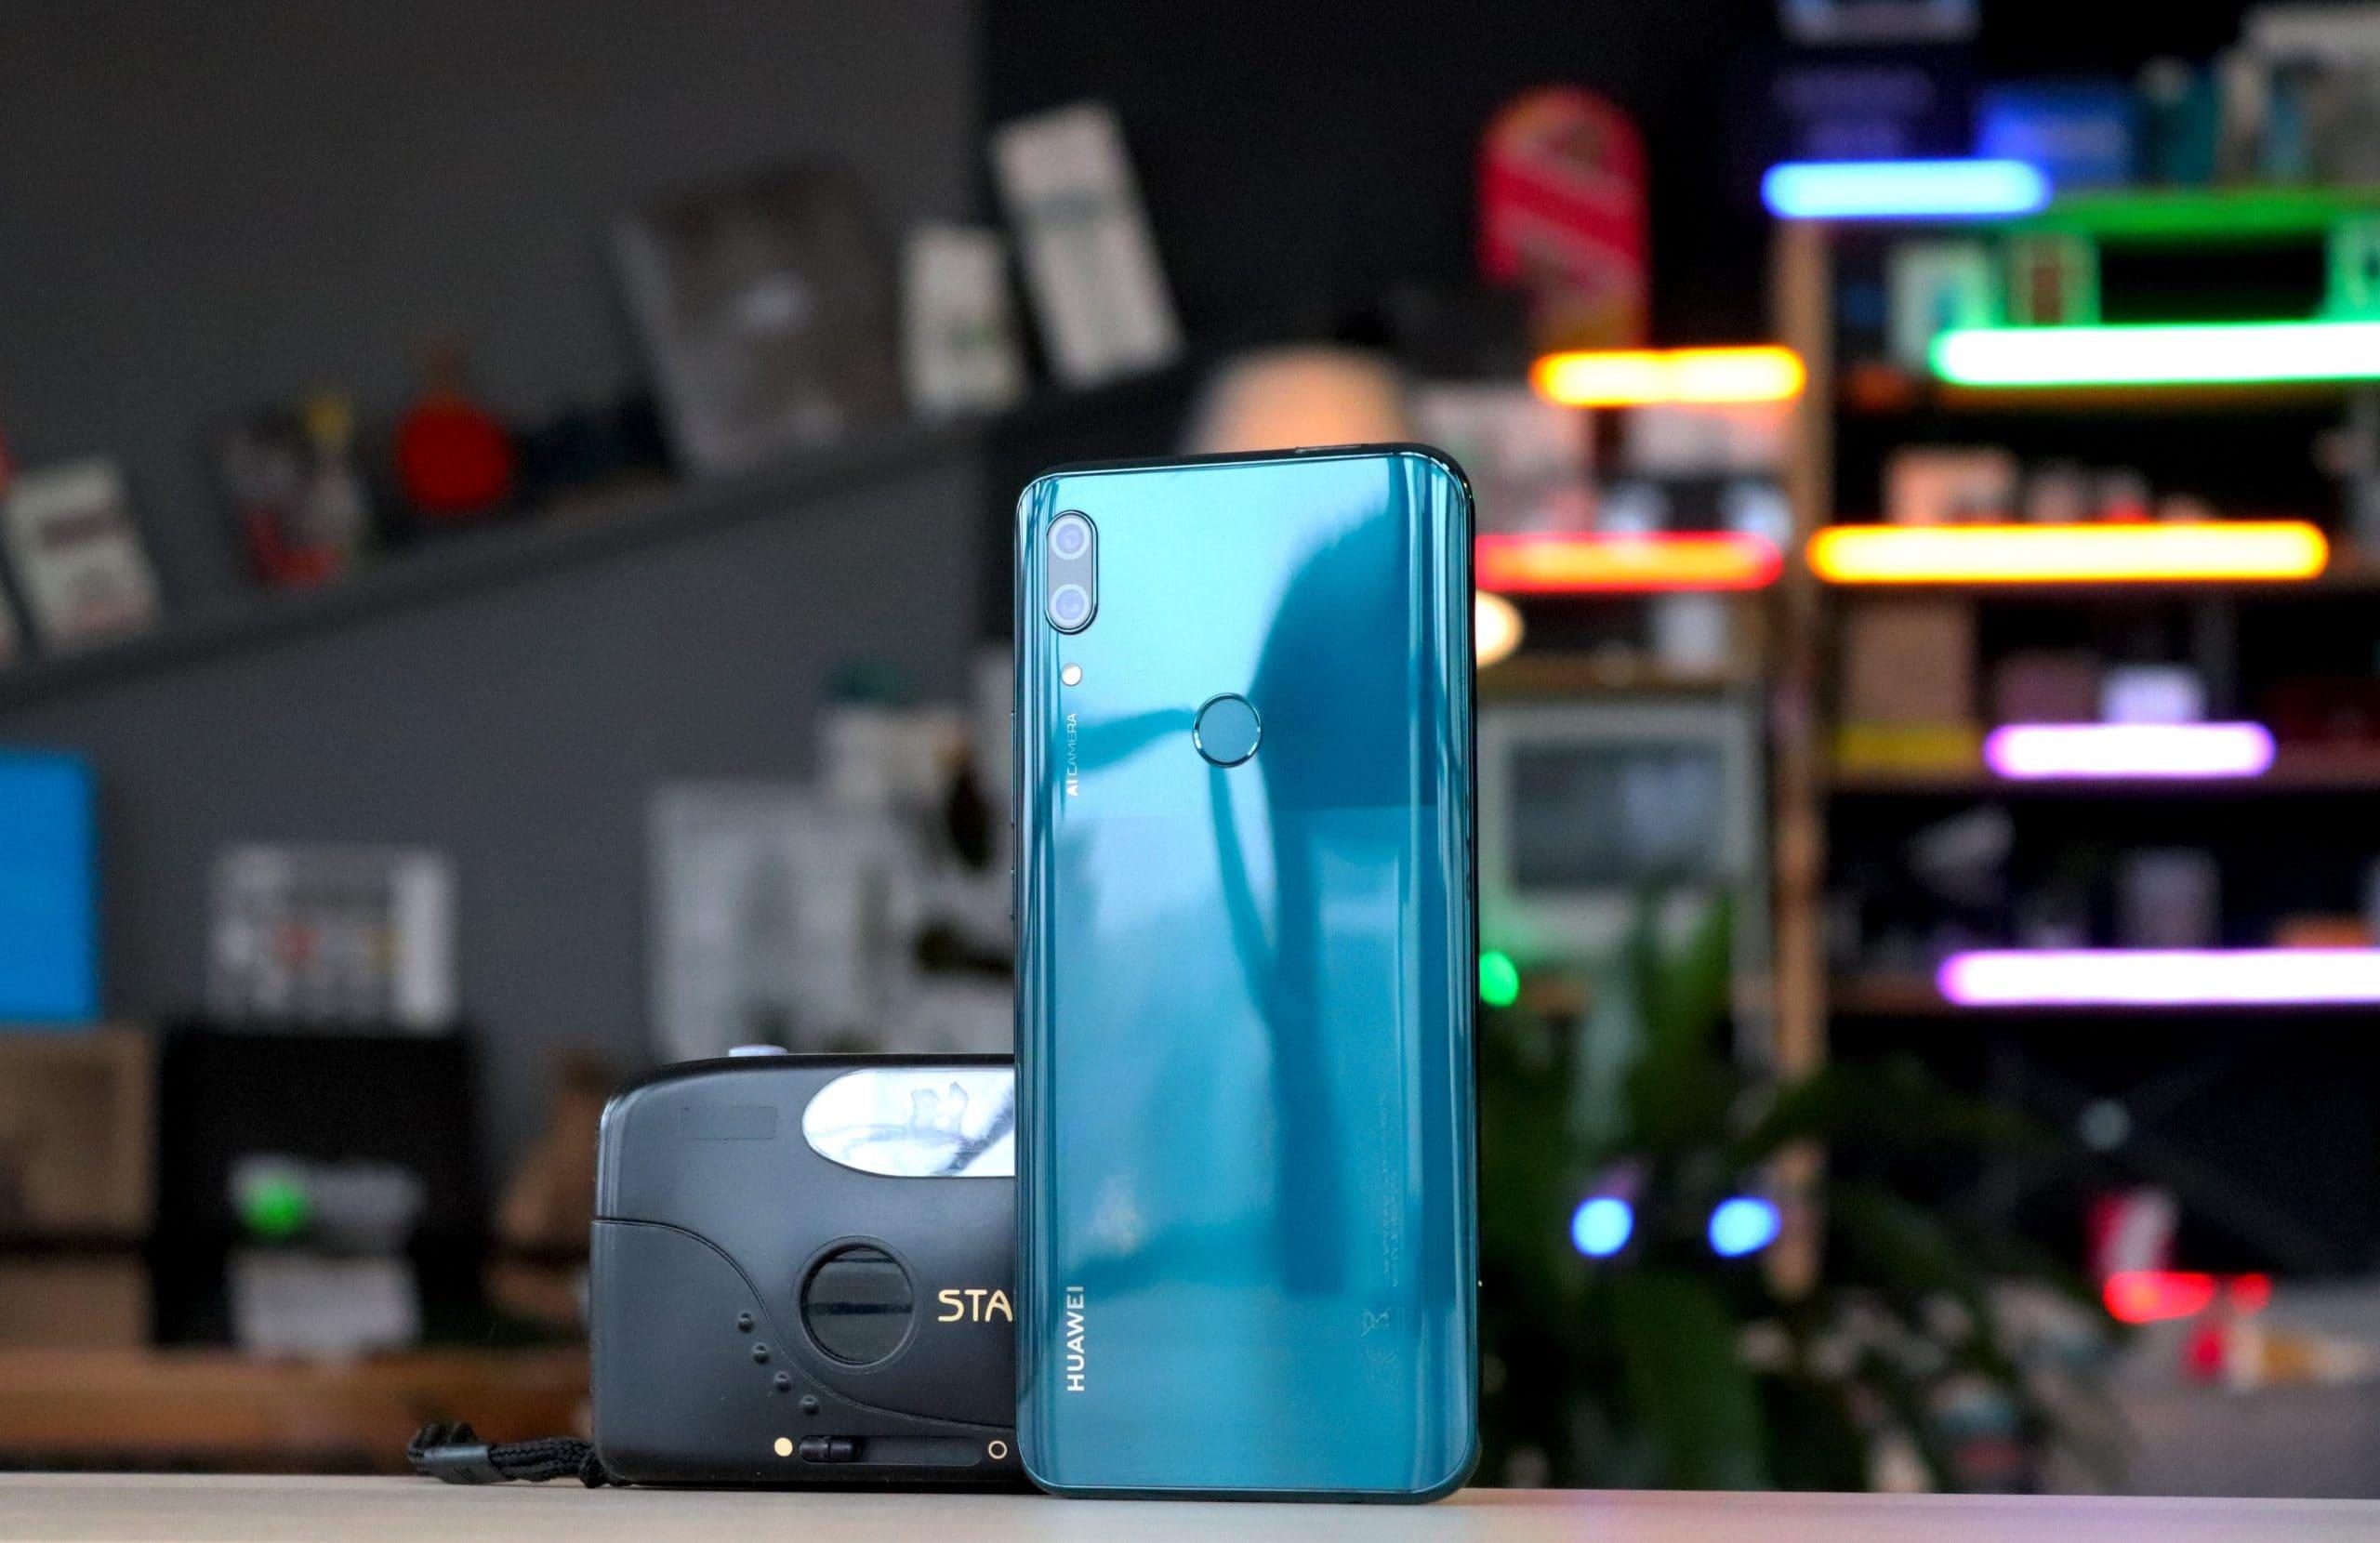 лучшие смартфоны до 10 тысяч рублей в 2020